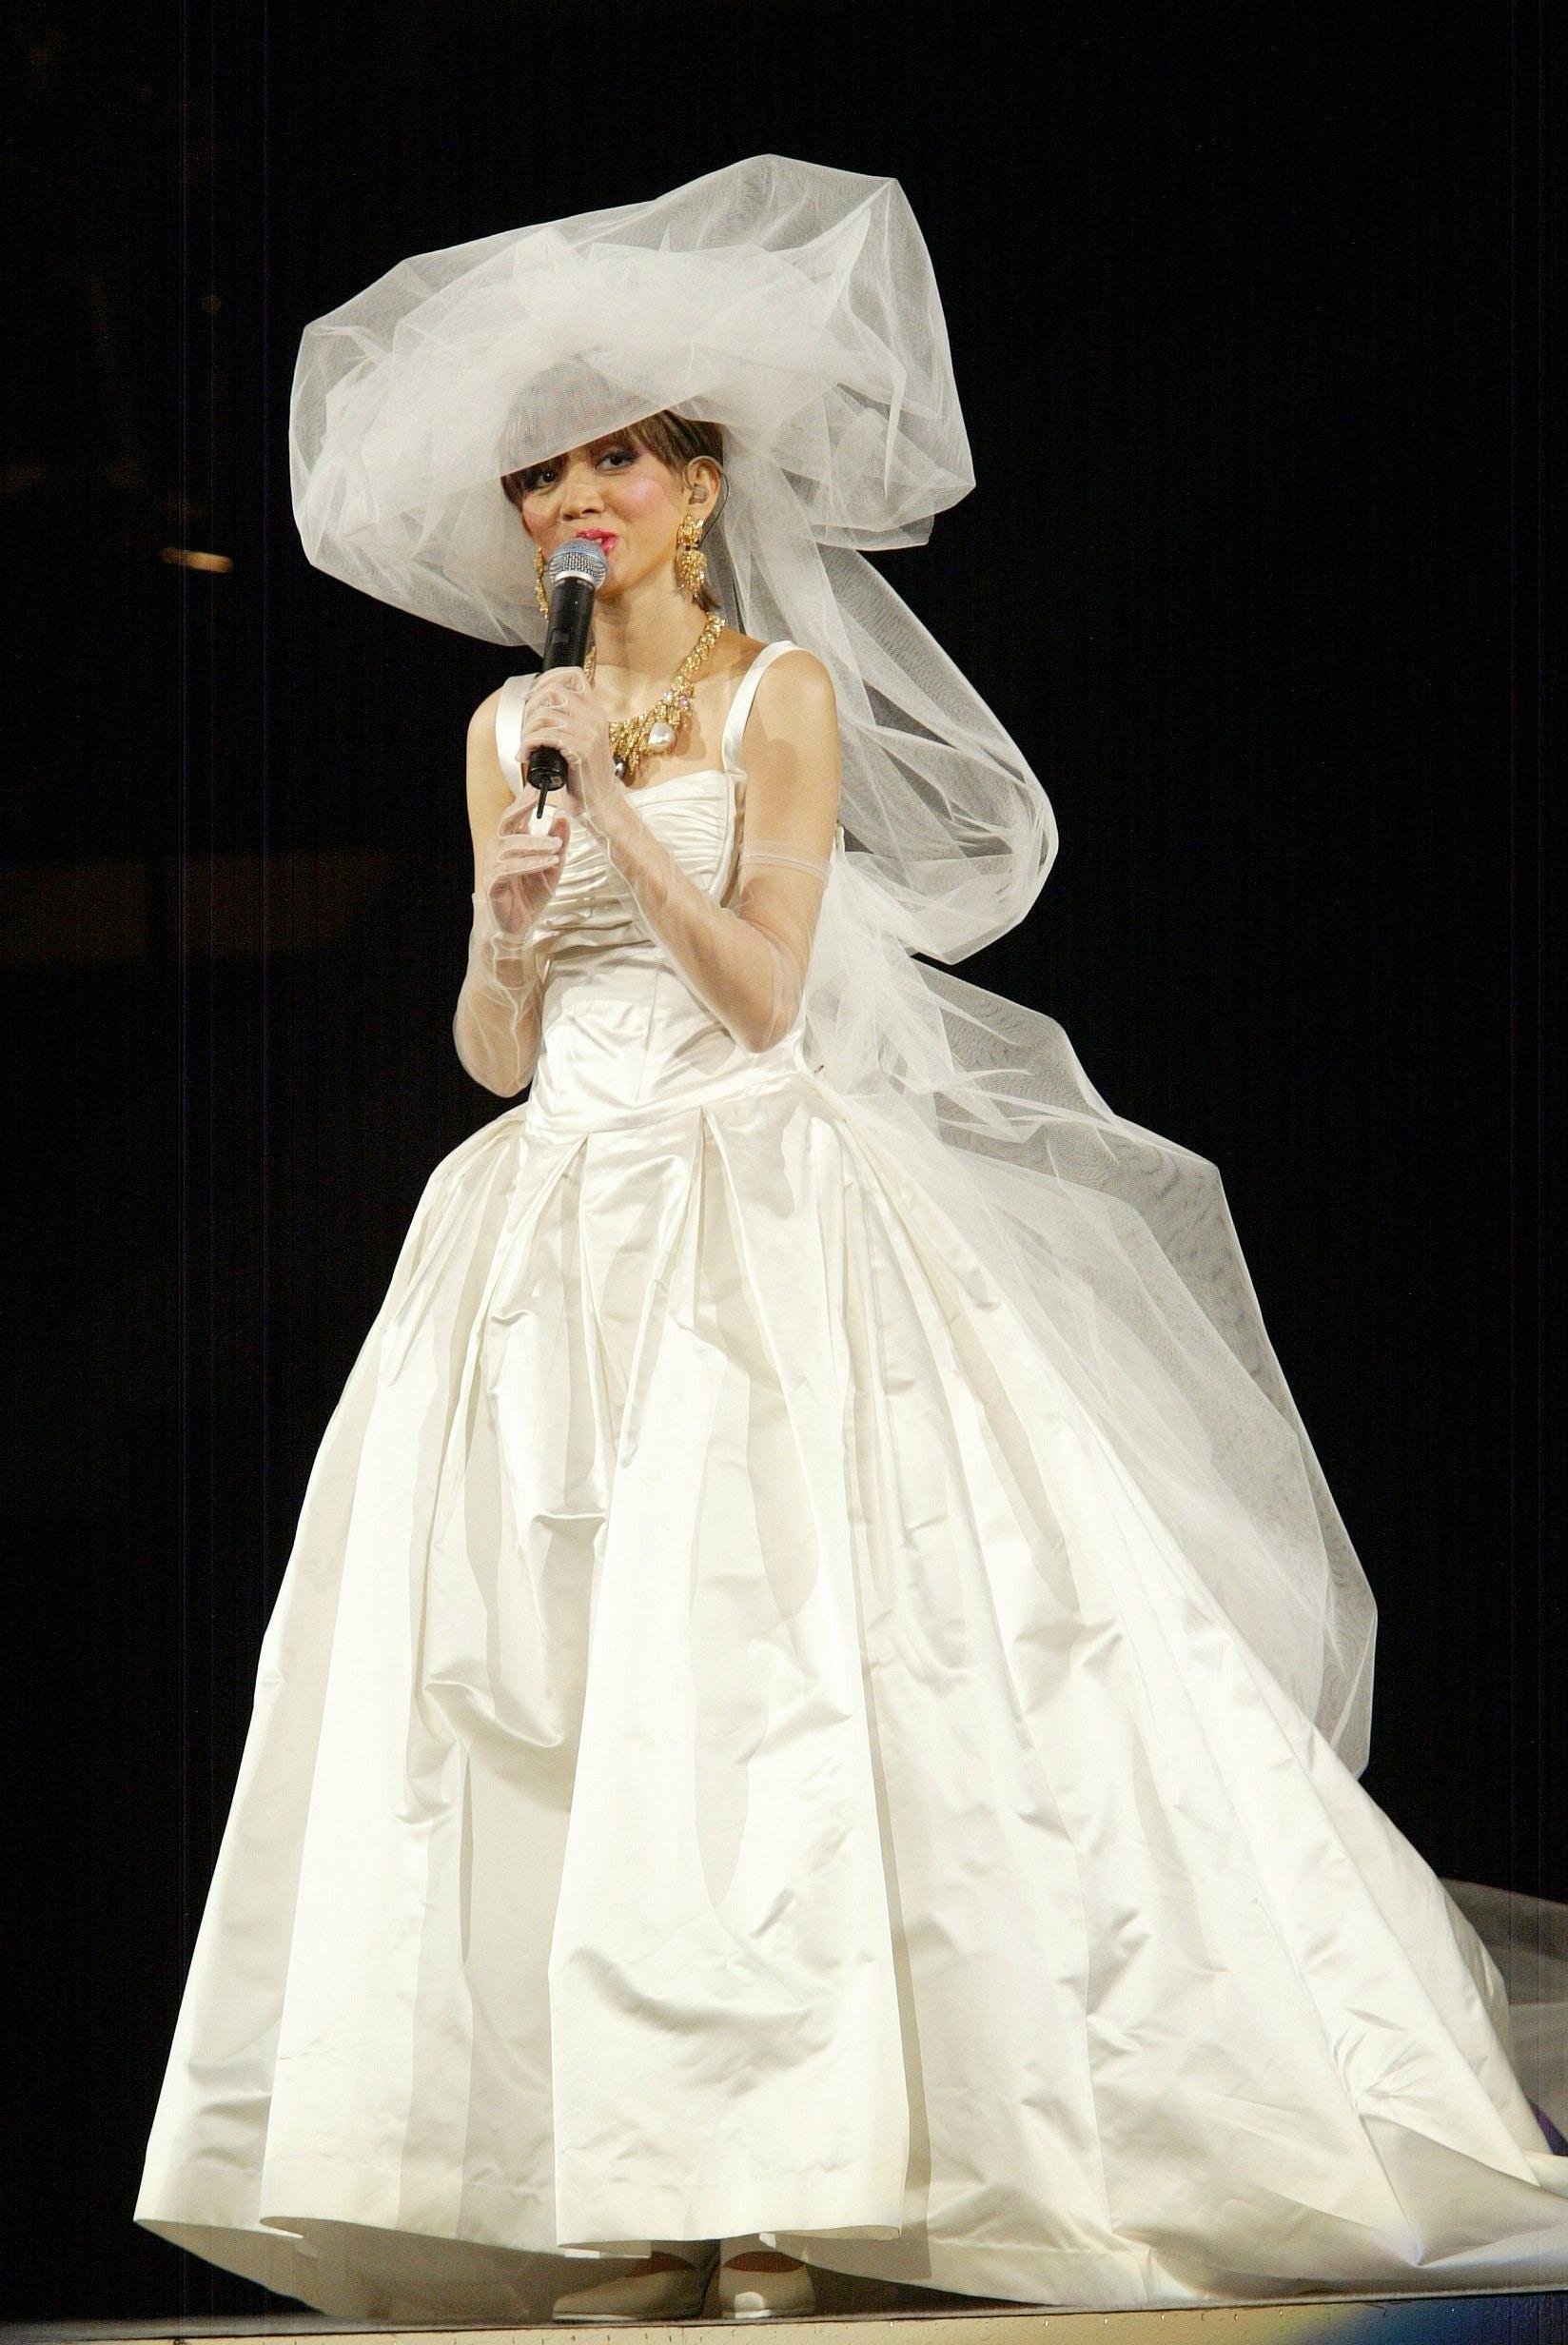 「小妖」梅豔芳造型雖百變,但她在Classic Moment演唱會的一襲婚紗造型,更觸動人心。